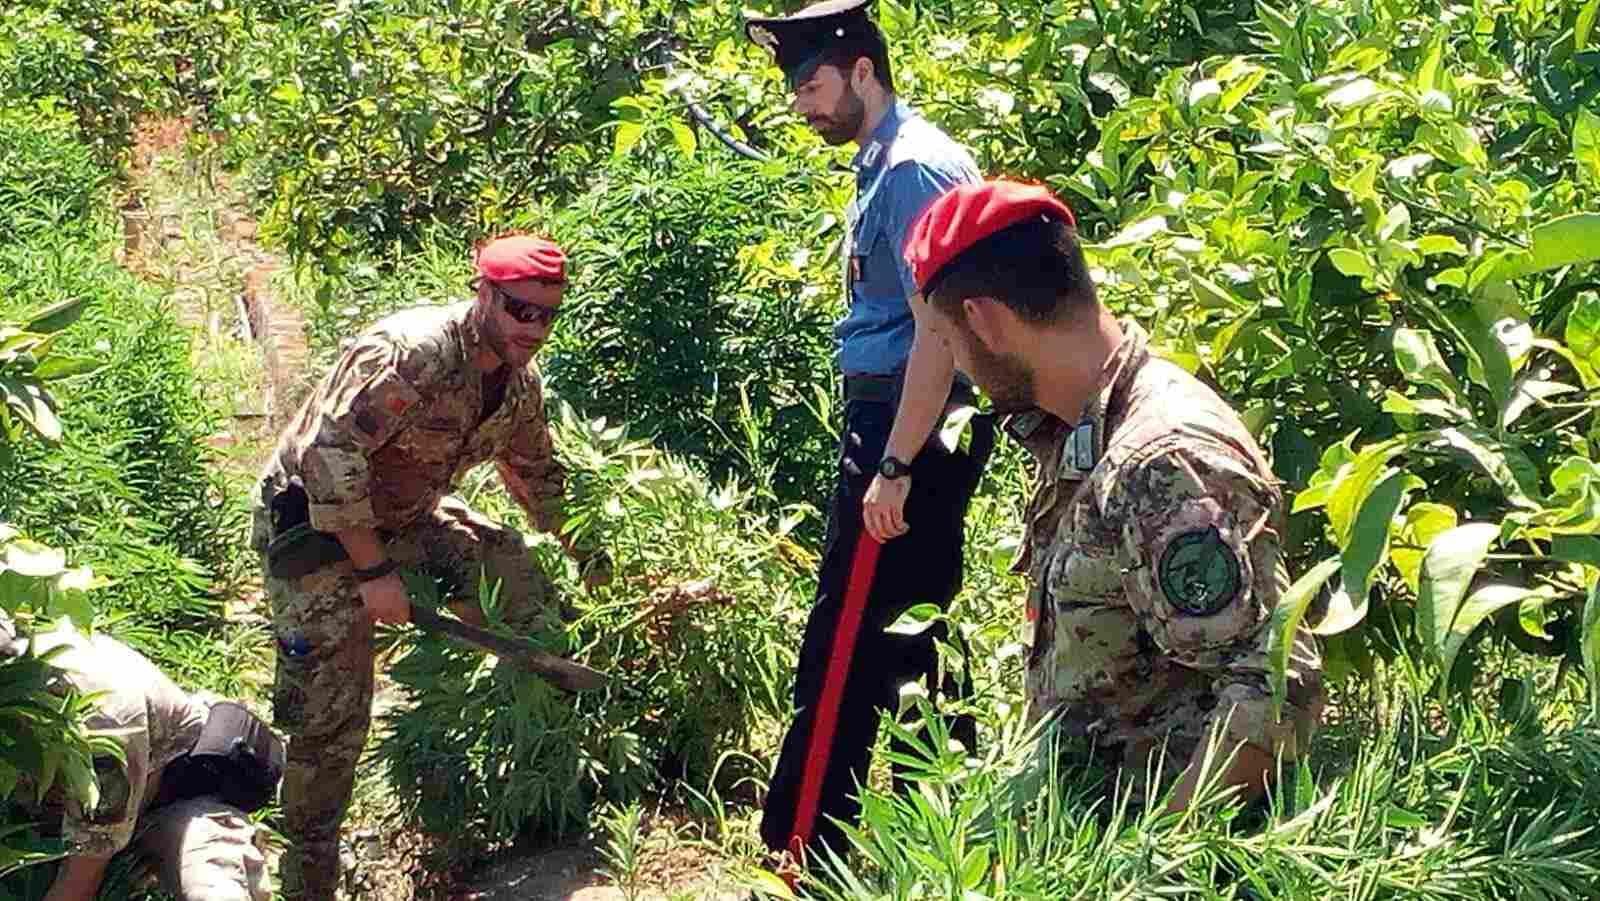 Francofonte, i carabinieri di Francofonte e lo squadrone cacciatori di Sicilia individuano piantagione di marijuana: due arresti